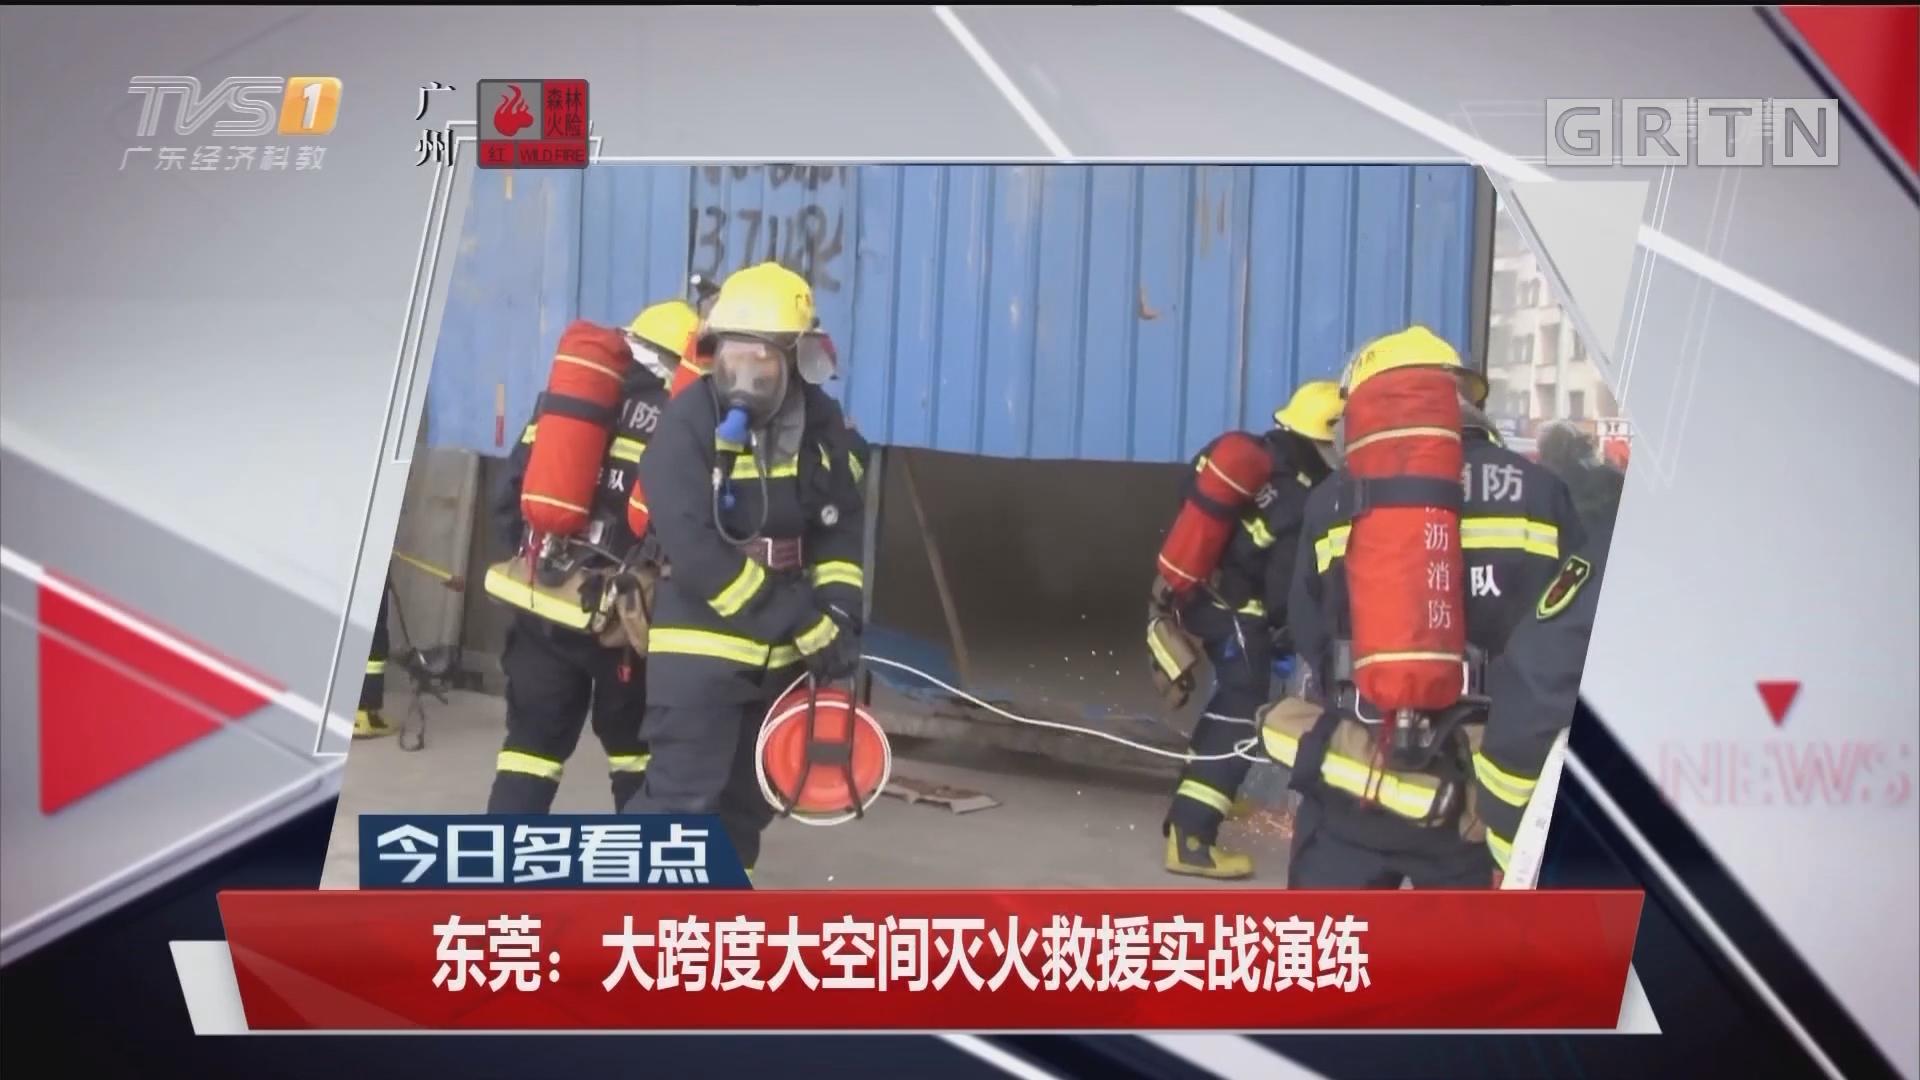 東莞:大跨度大空間滅火救援實戰演練